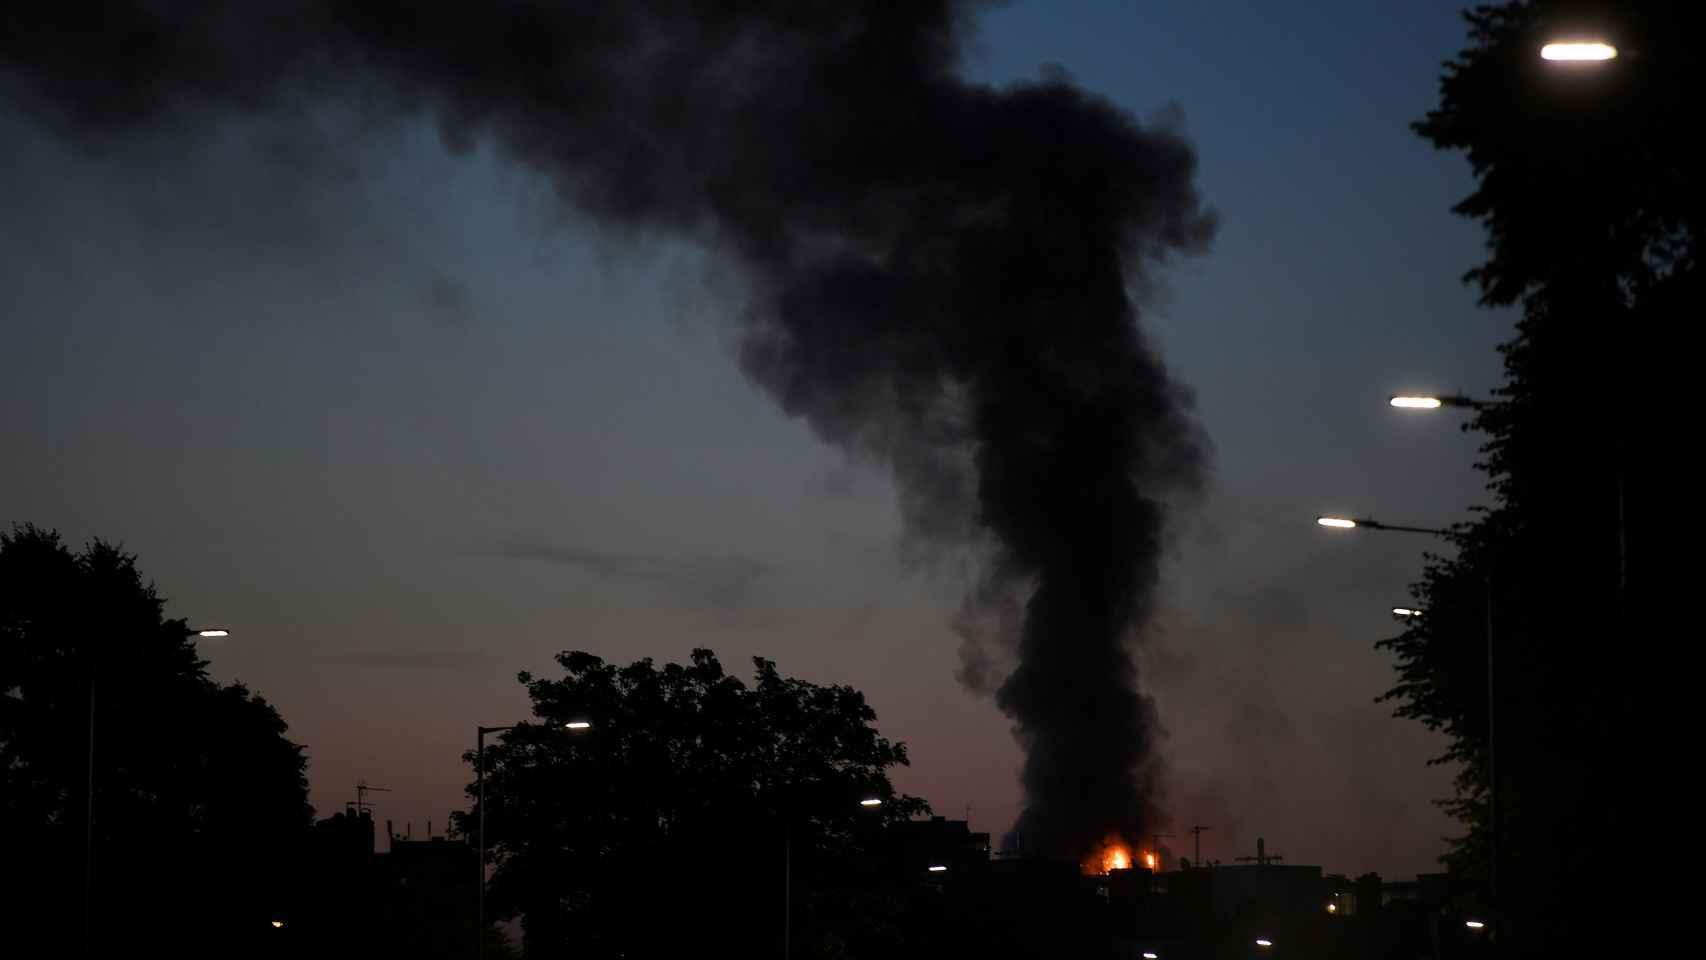 El incendio comenzó a las 2.15 hora española